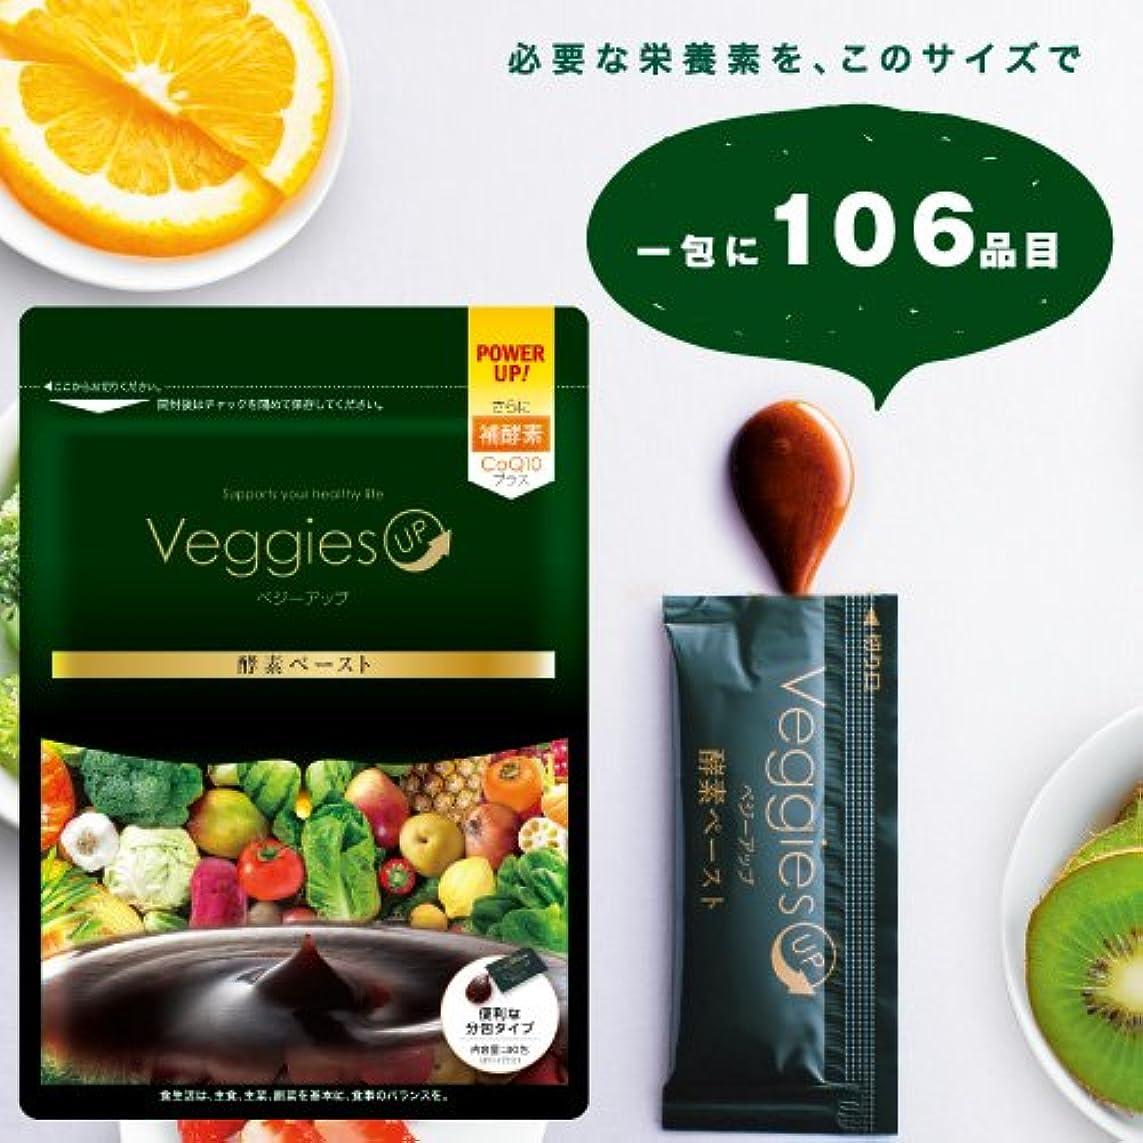 悪名高いヒューズ世紀ベジーアップ酵素ペースト 90g [3g×30包] ダイエット オリゴ糖 イヌリン コエンザイムQ10 黒ウコン 健康